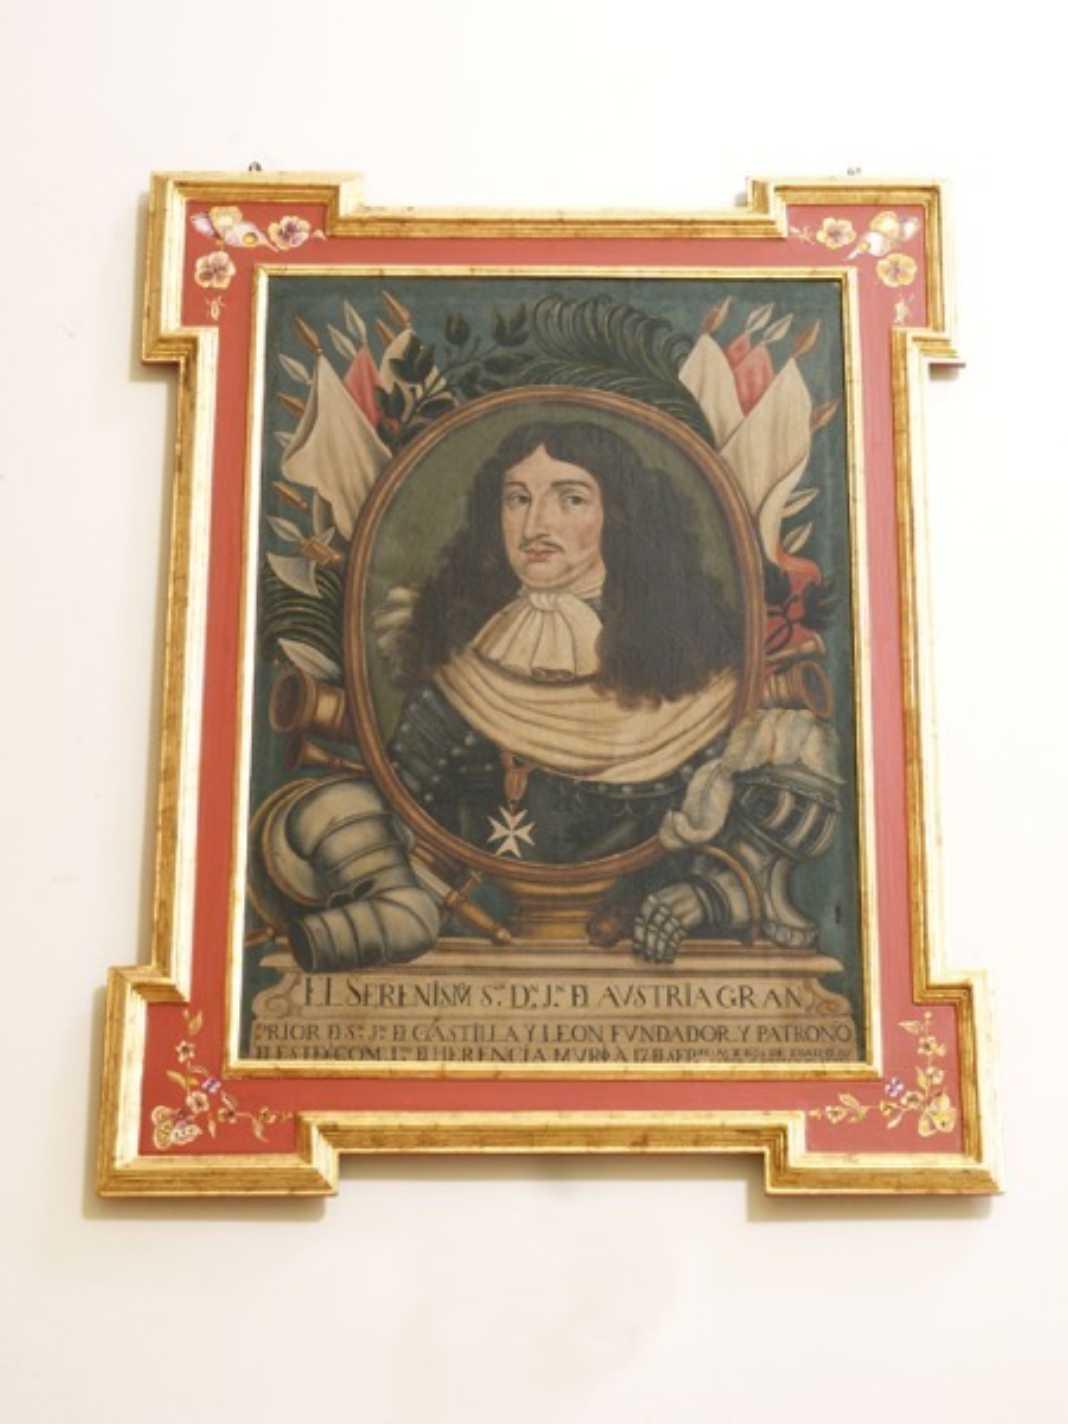 El retrato de Don Juan José de Austria en el Convento de la Merced de Herencia 13